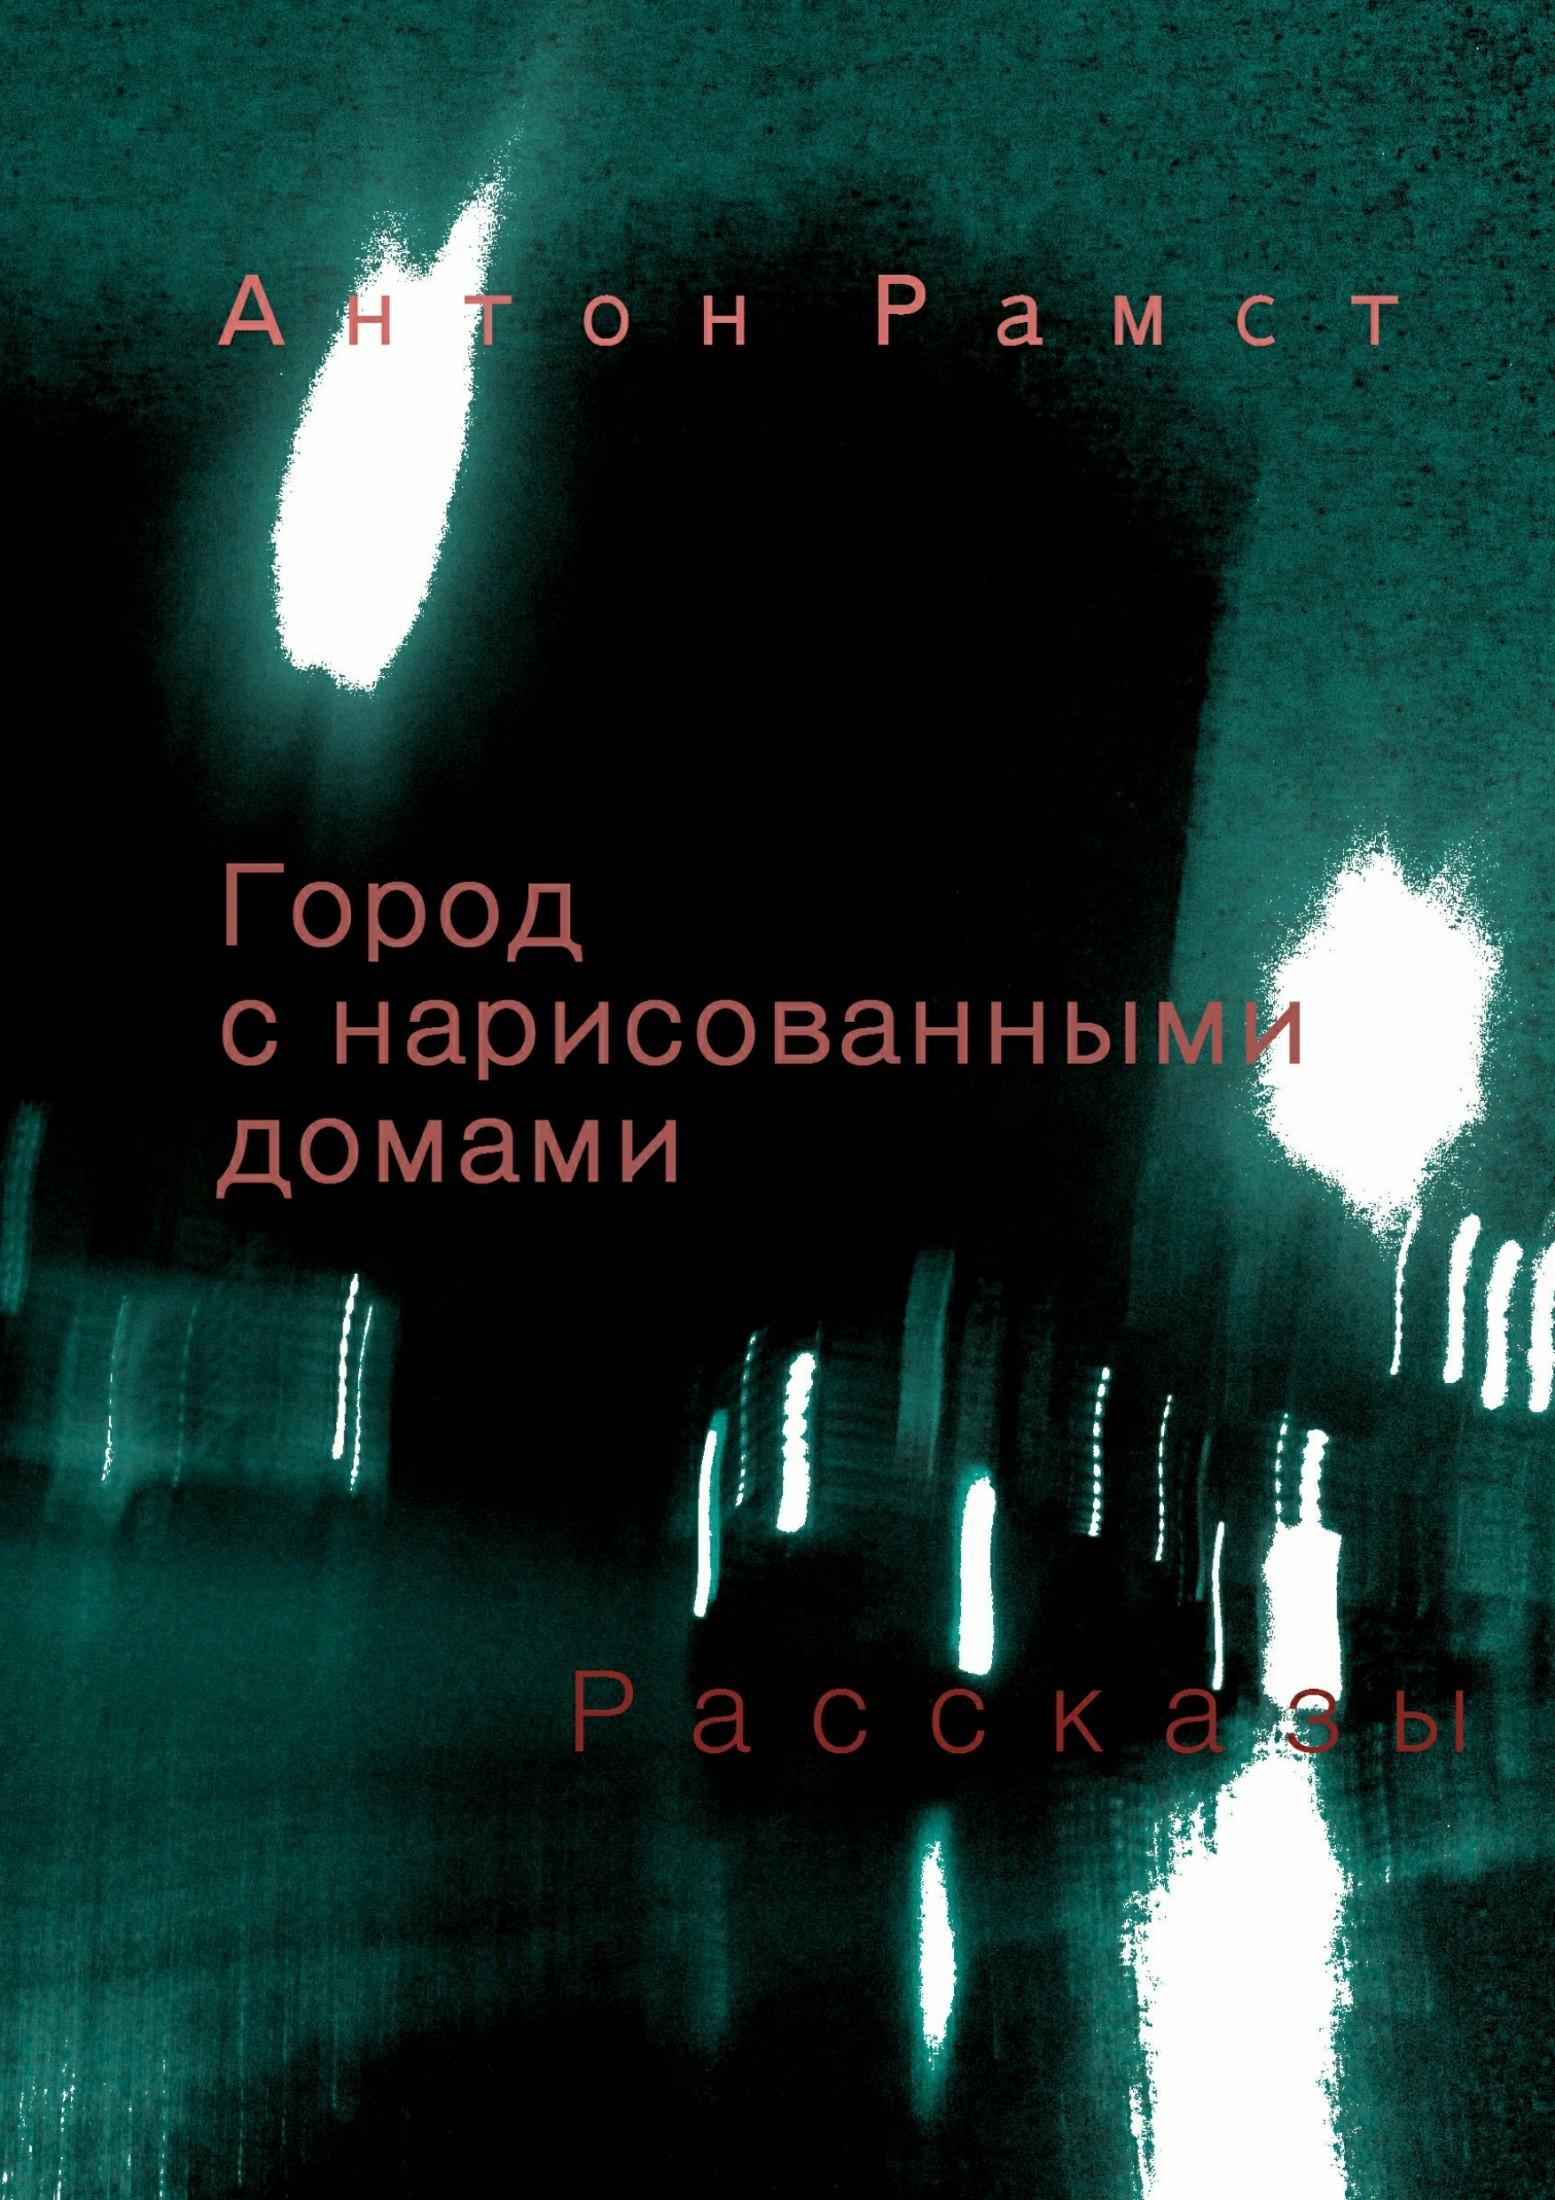 Антон Рамст Город с нарисованными домами. Сборник это как день посреди ночи